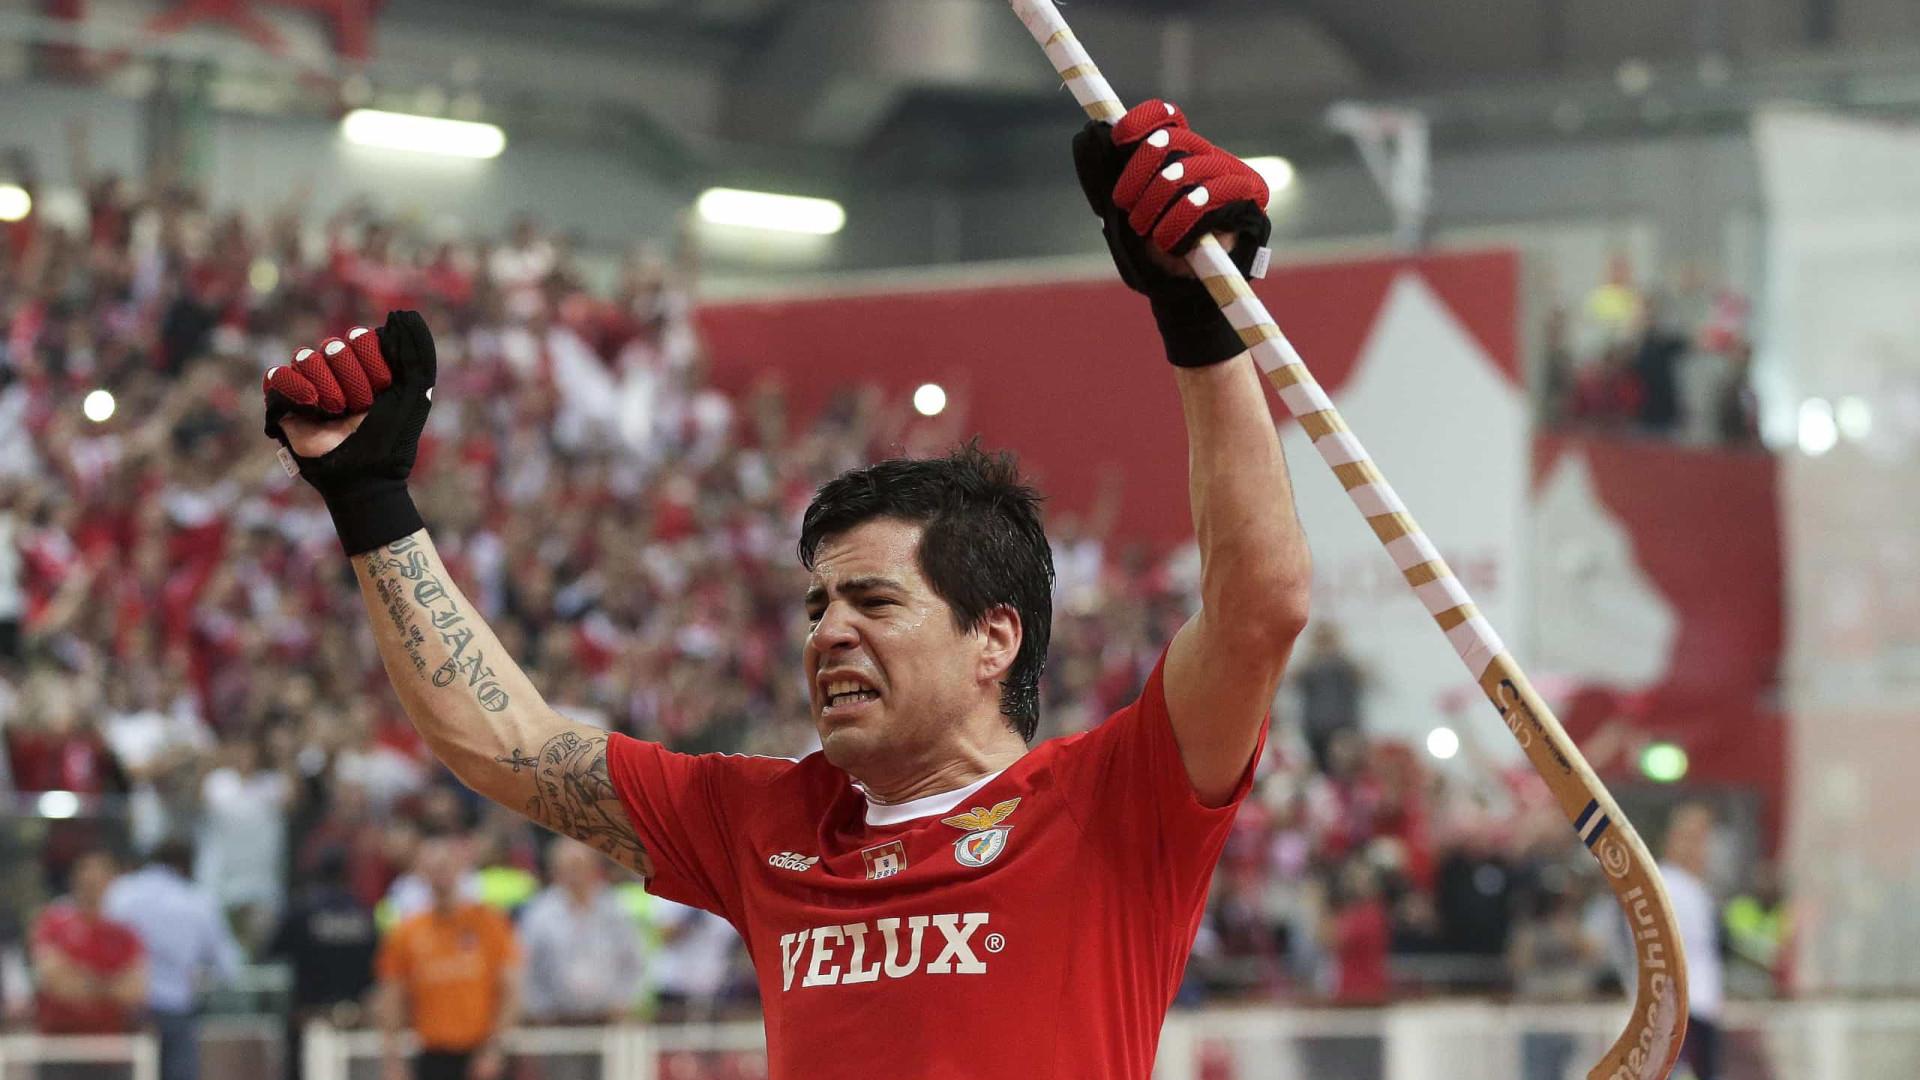 Argentino Carlos Nicolía renova com hóquei em patins do Benfica